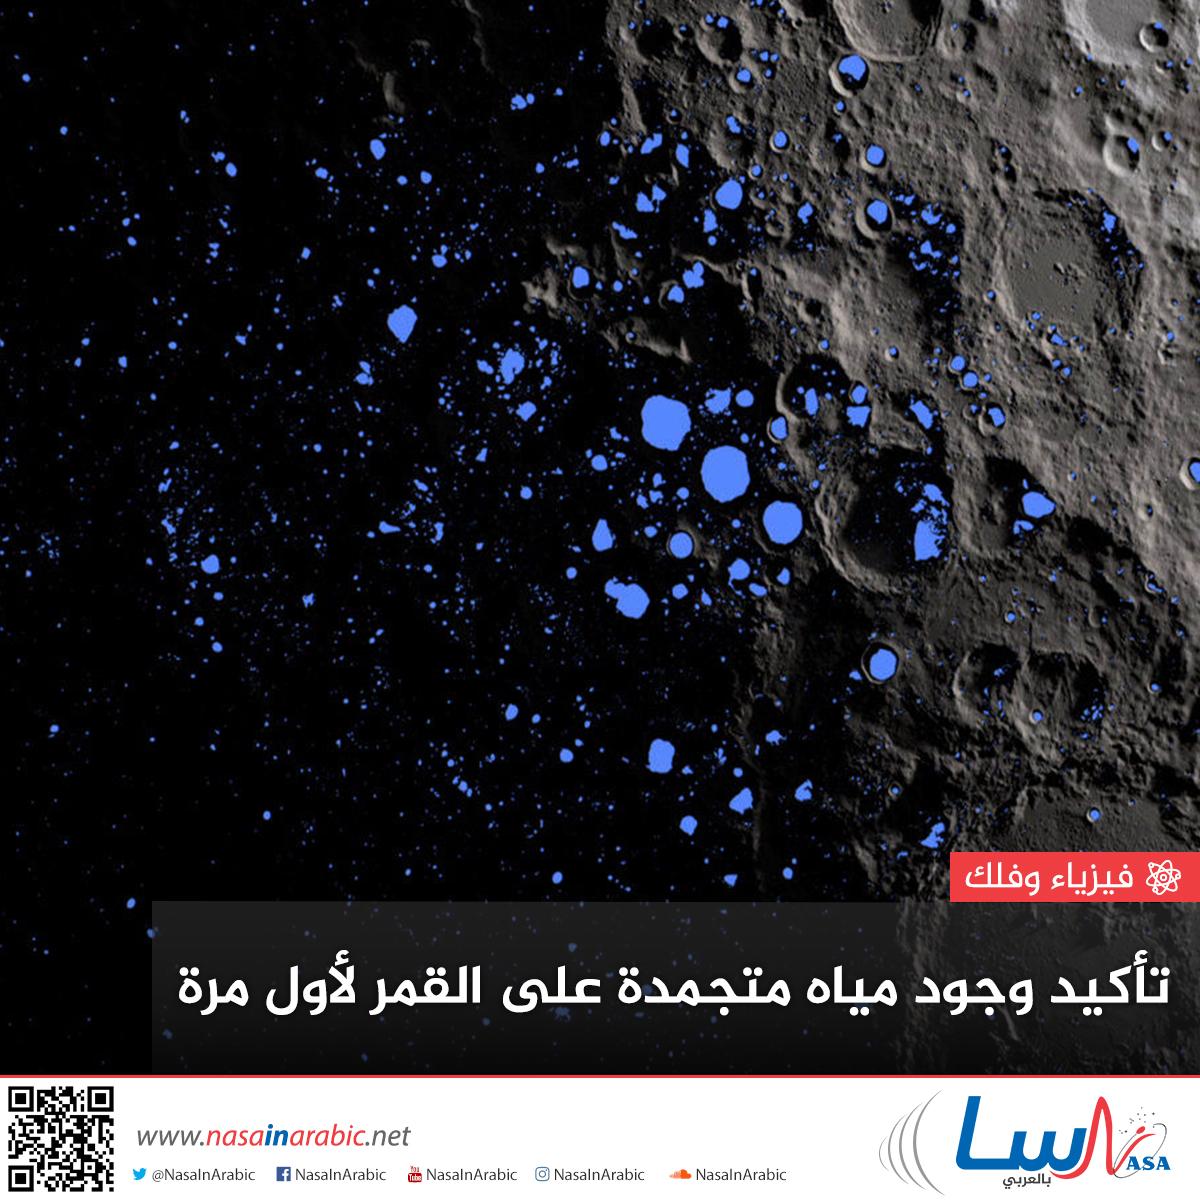 للمرة الأولى ورسميًا: اكتشاف مياه متجمدة على سطح القمر